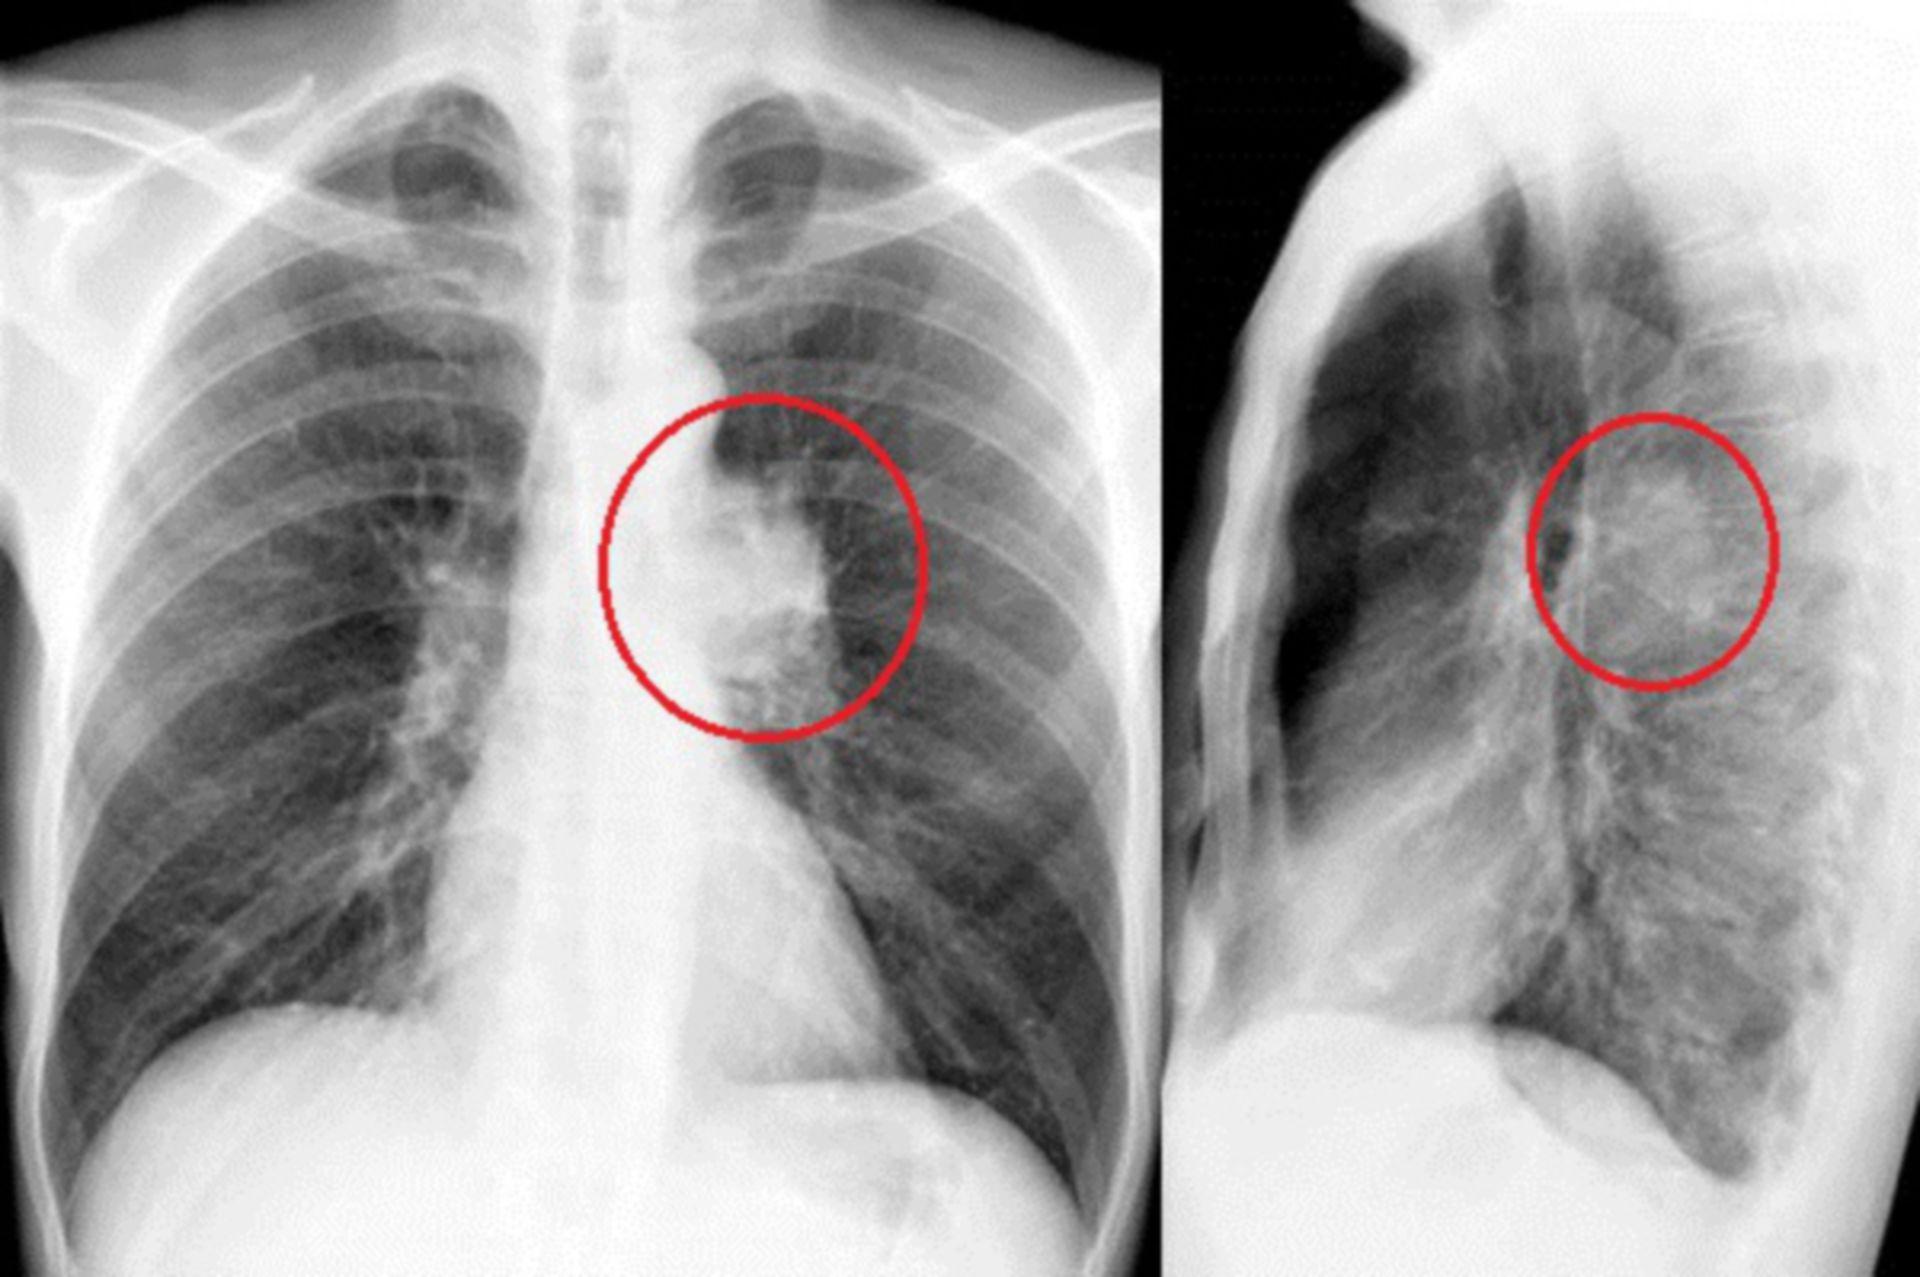 hil_rf: Röntgen des Thorax in 2 Ebenen